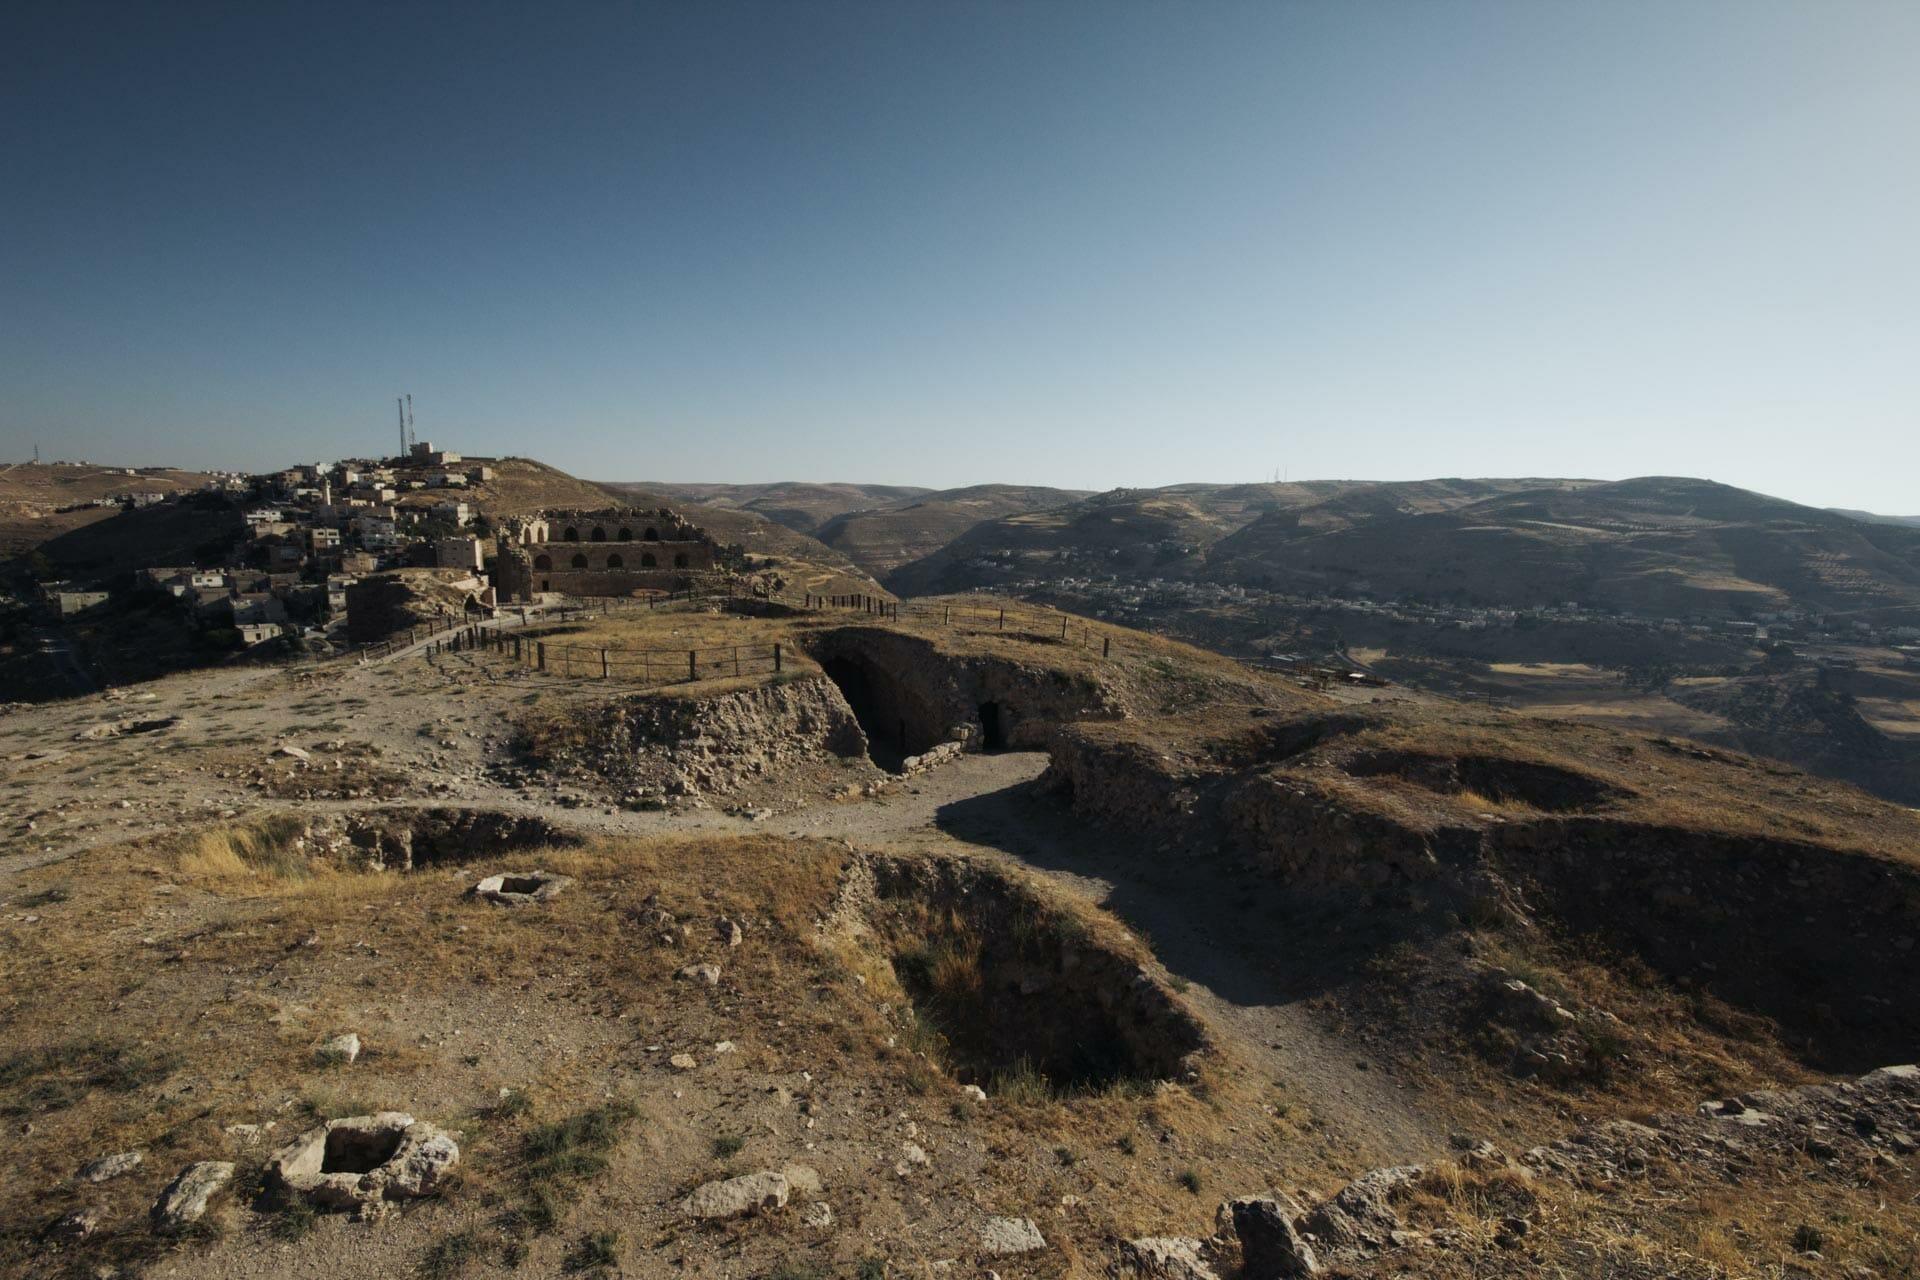 La forteresse de Kerak en Jordanie